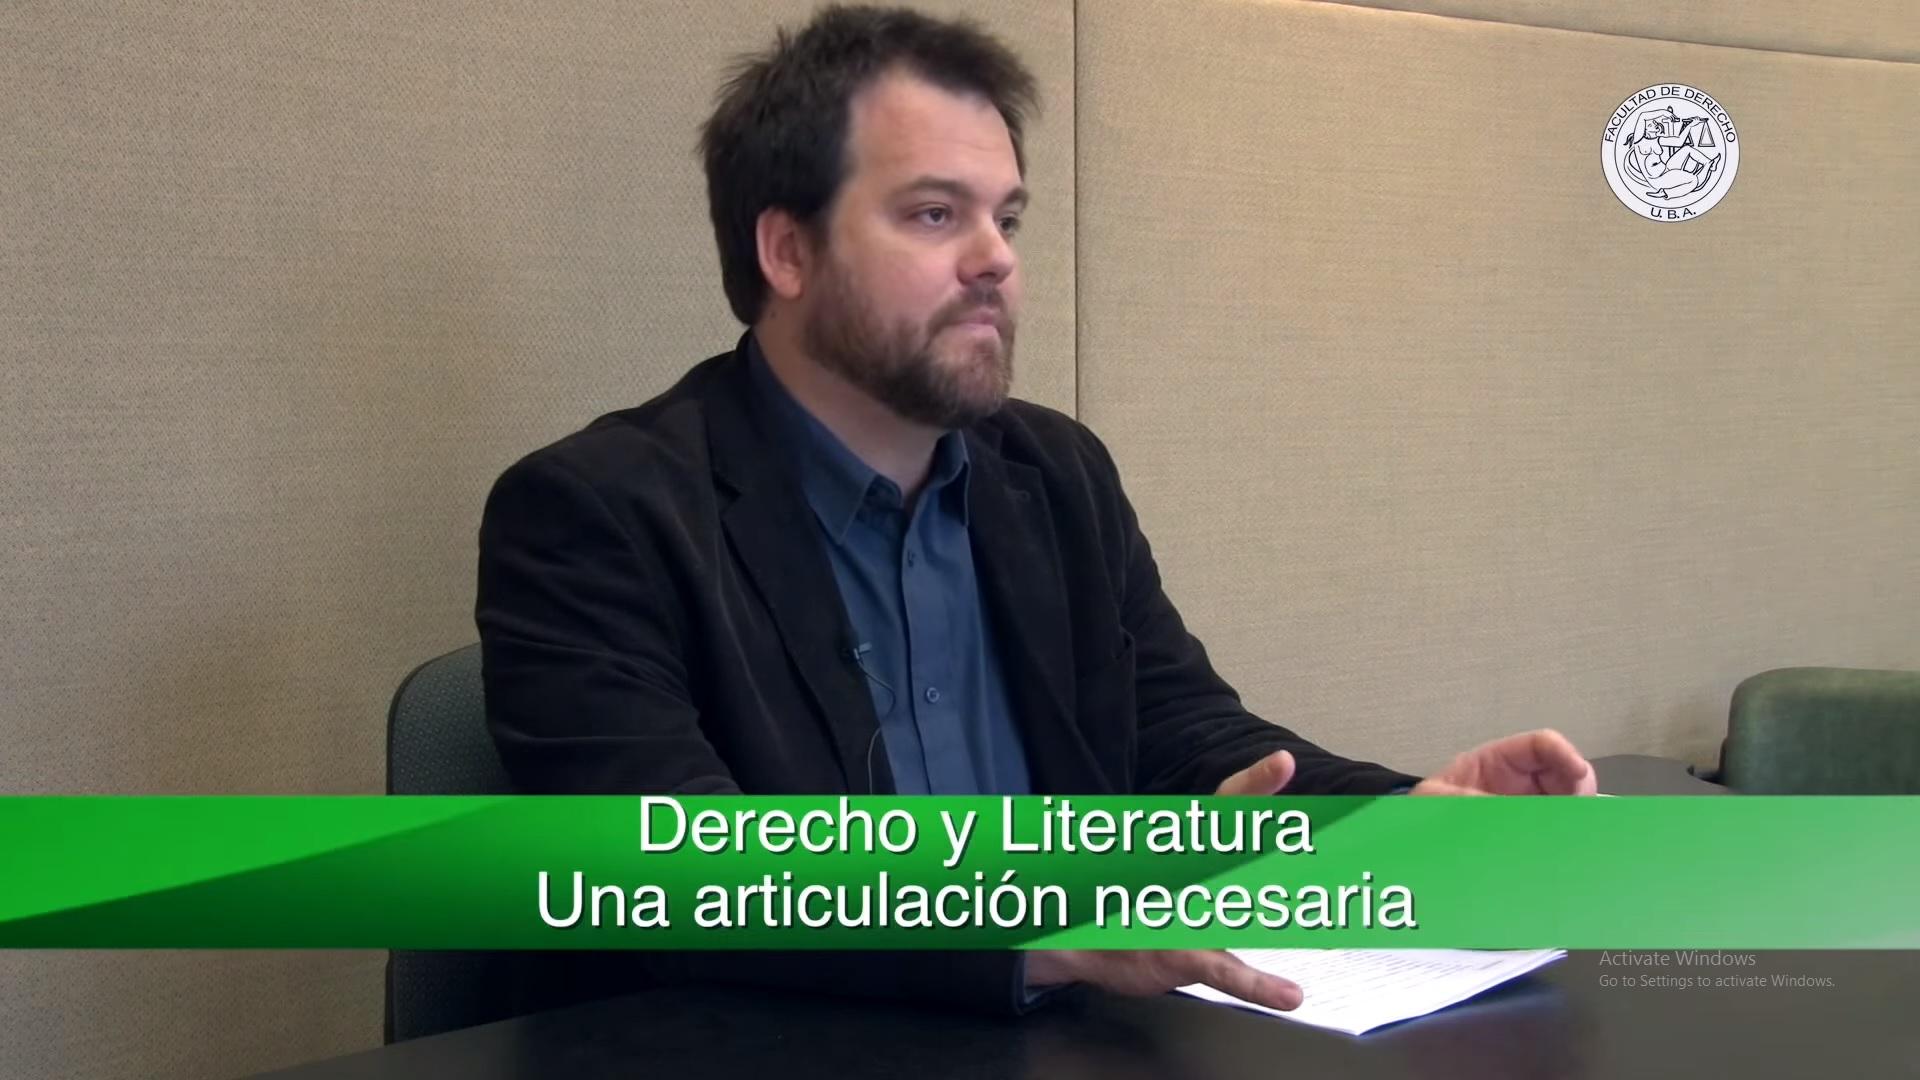 Derecho y Literatura: una articulación necesaria